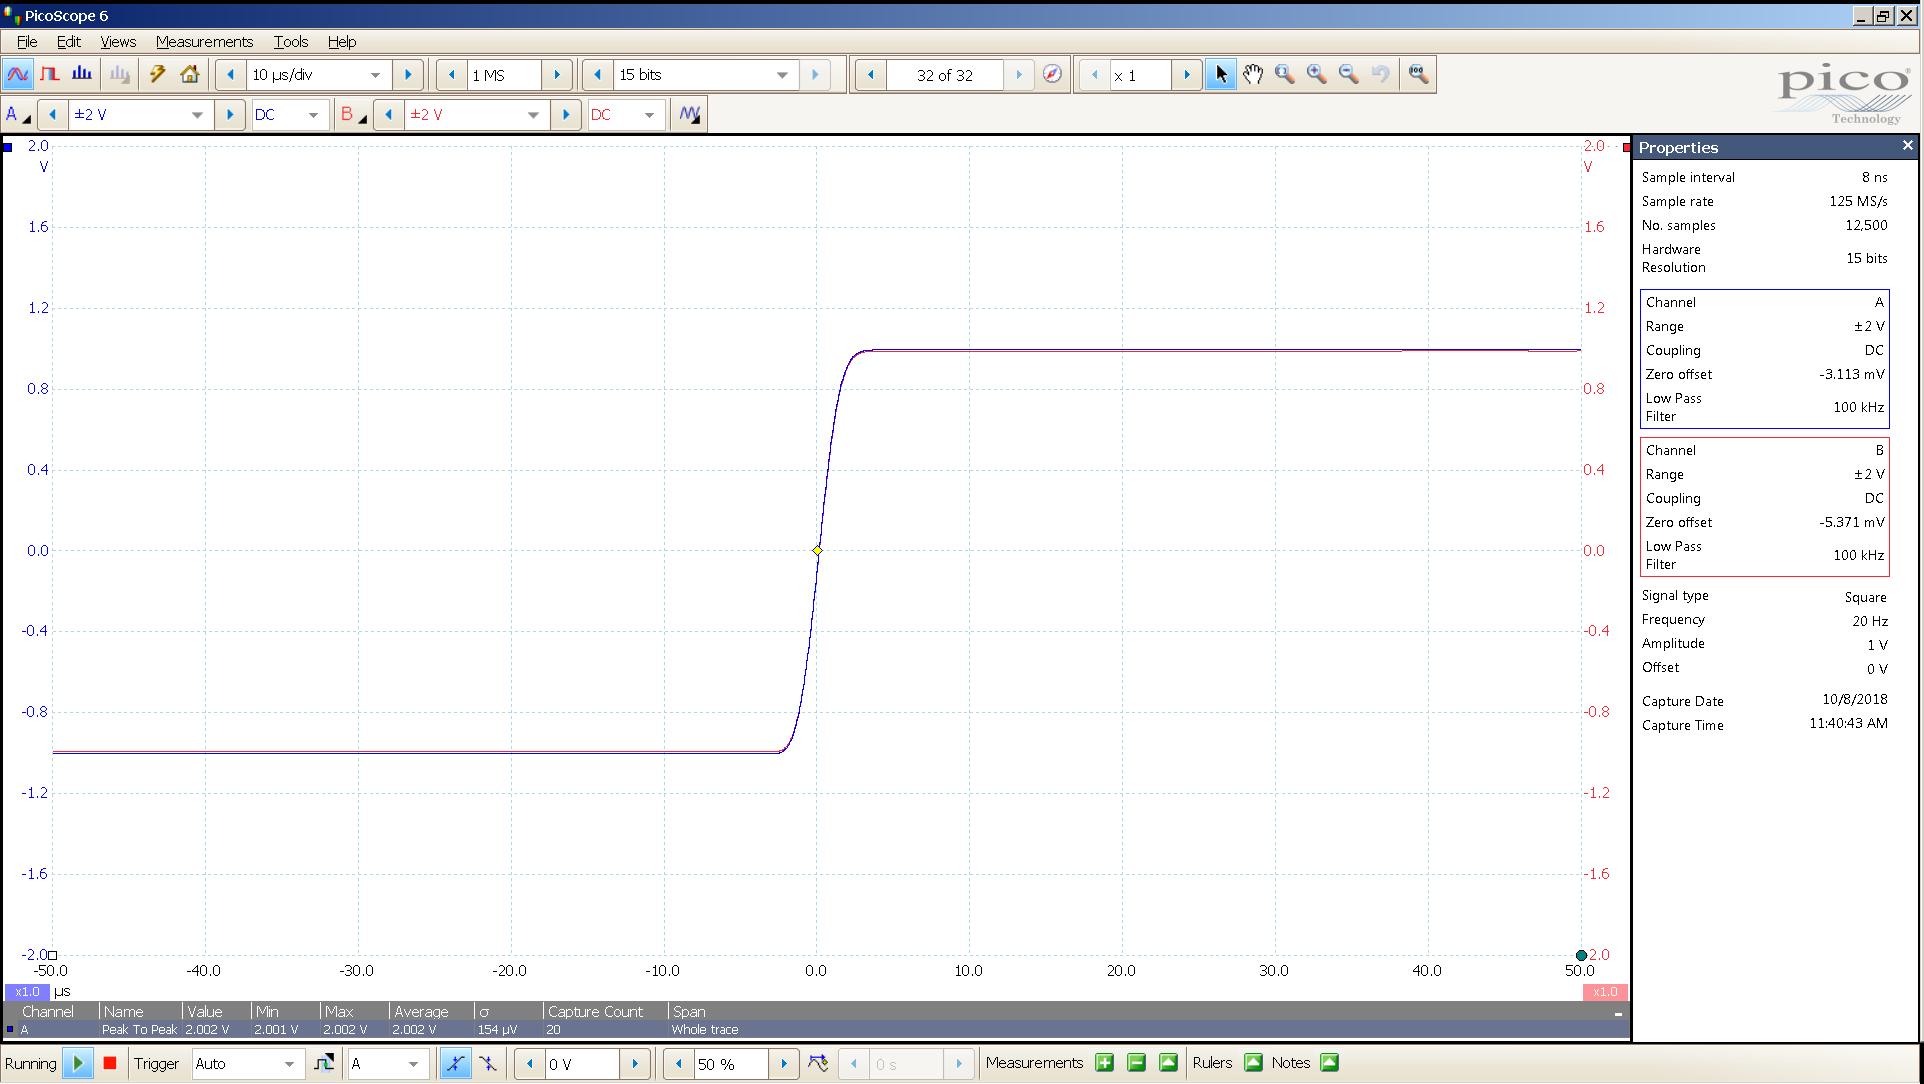 20181008 SigGen magni 3 20 Hz square 2000mVpp 10uS div 100KHz filter 30R.png